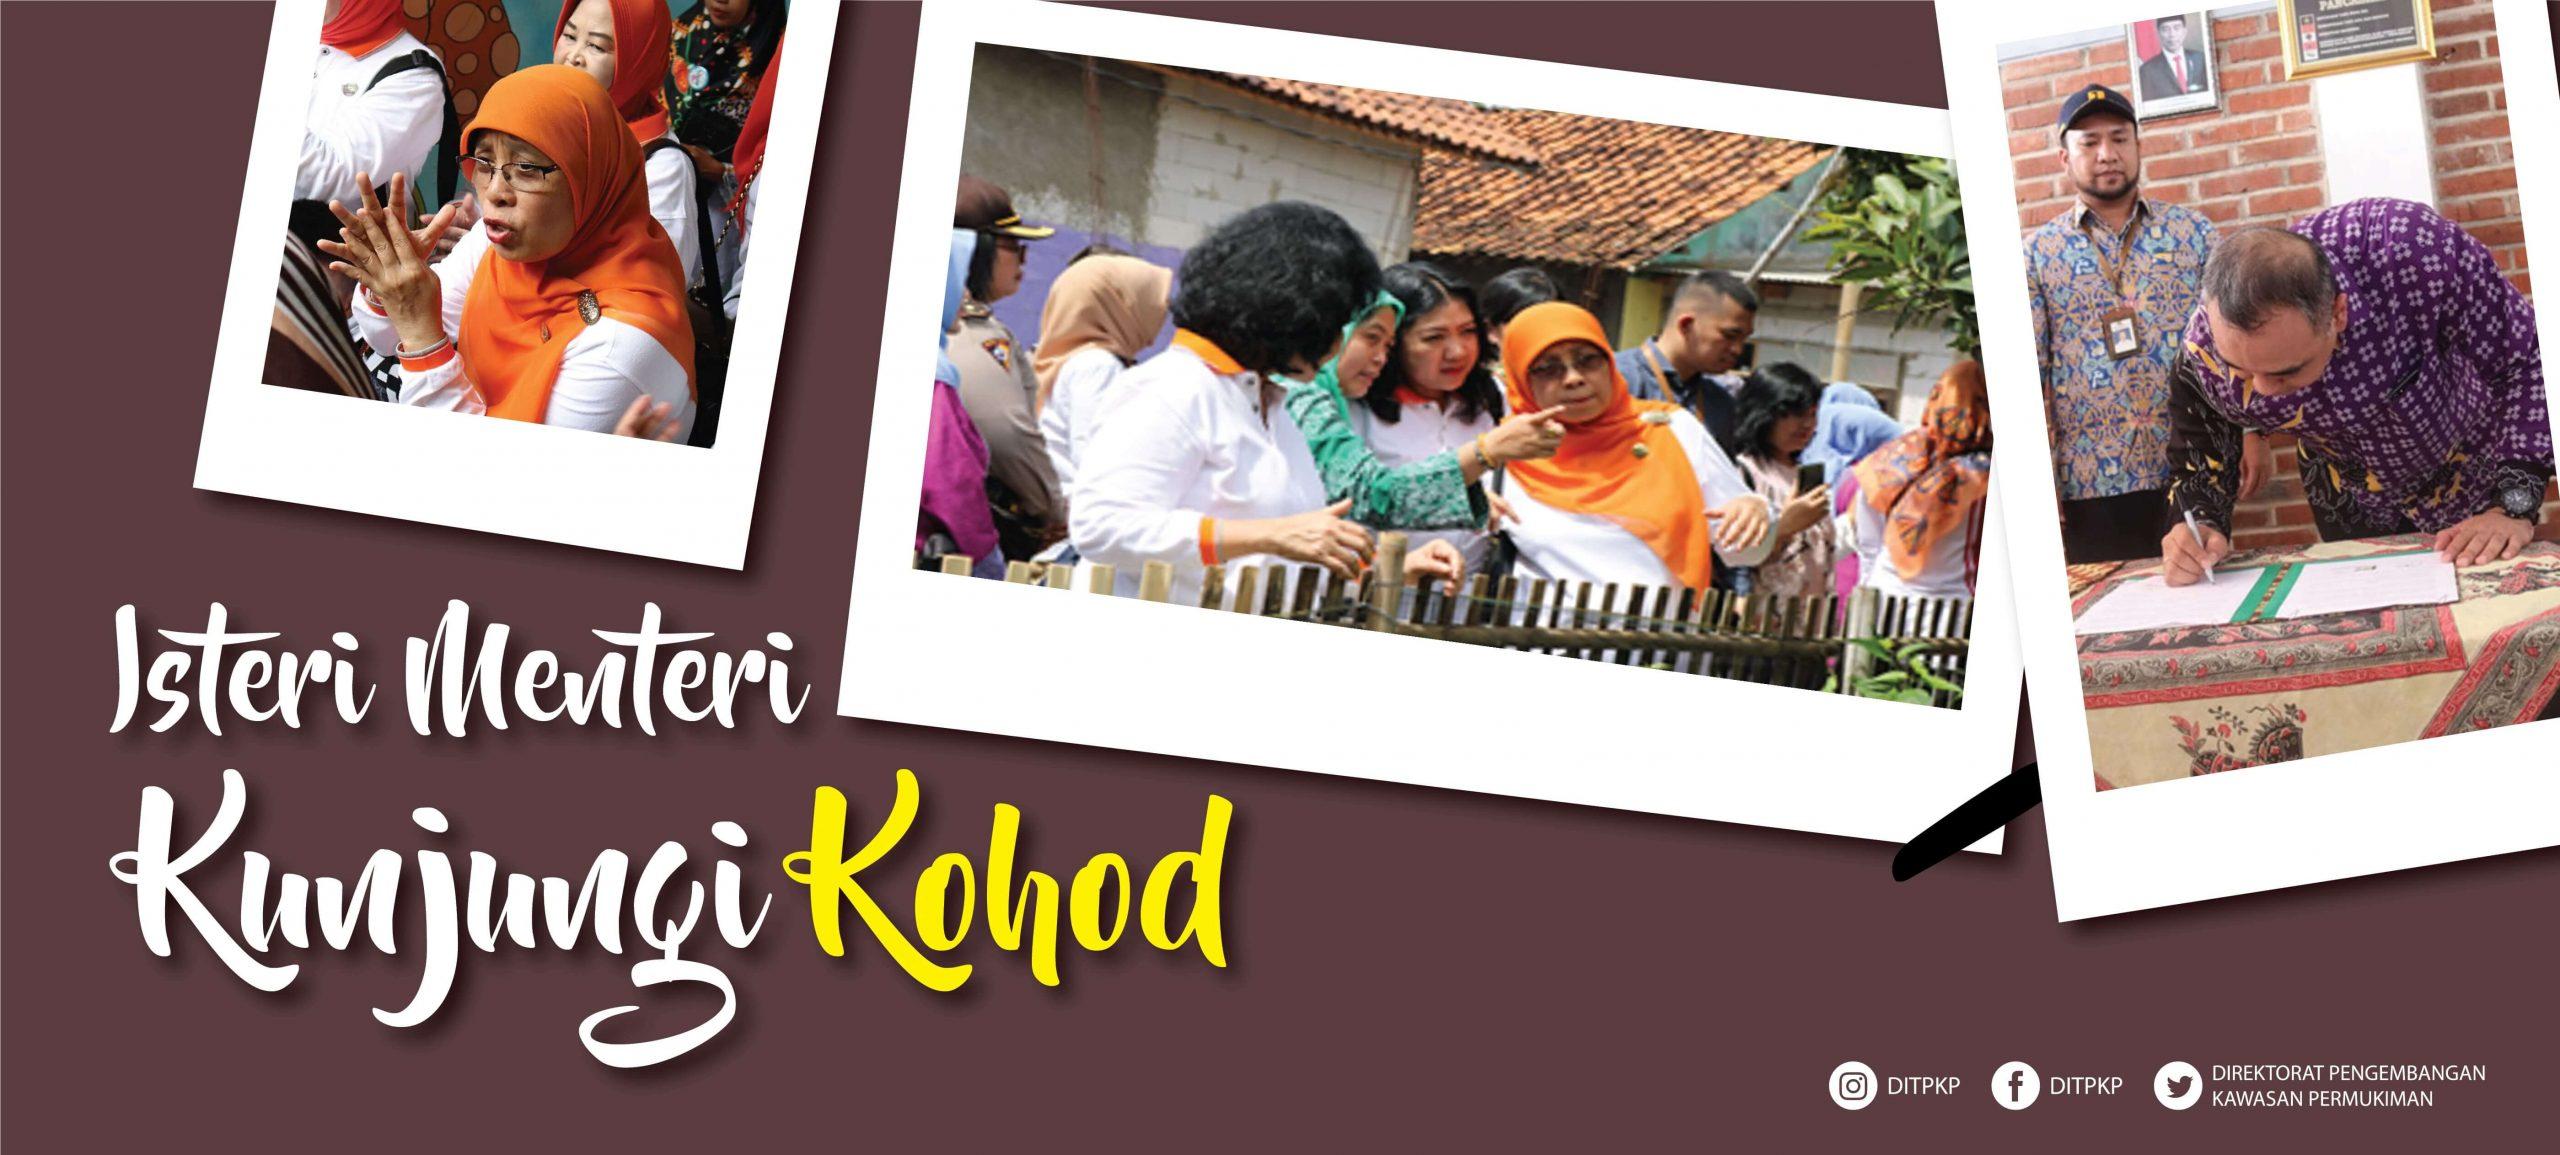 OASE-KIM Kembangkan Kampung Sejahtera di Desa Kohod, Tangerang, Banten